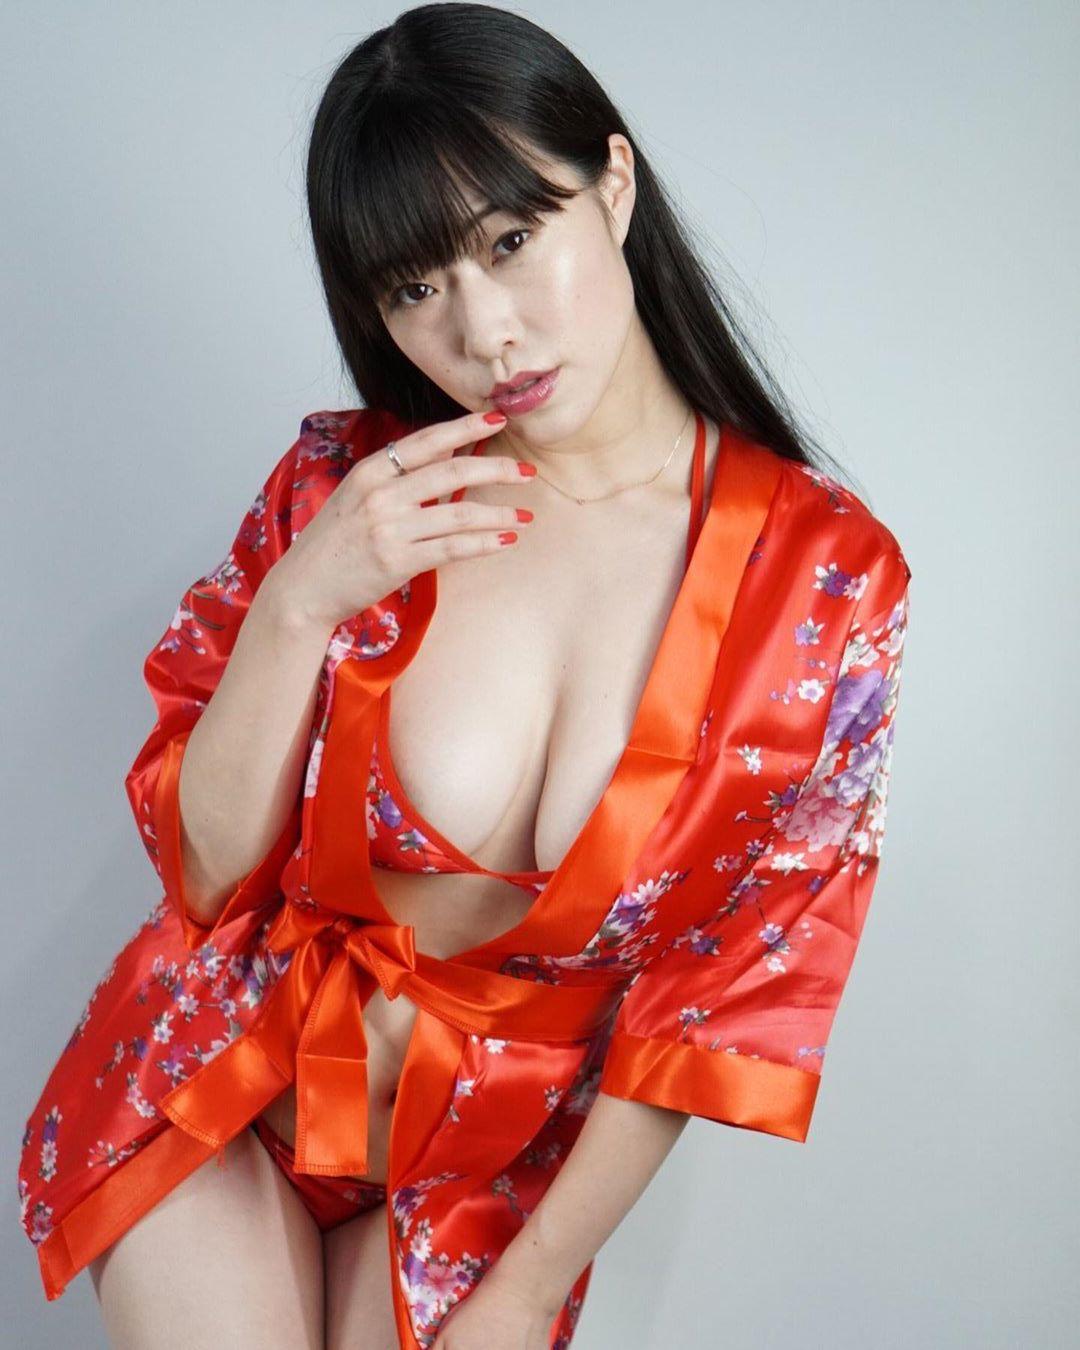 oda_asuka093.jpg